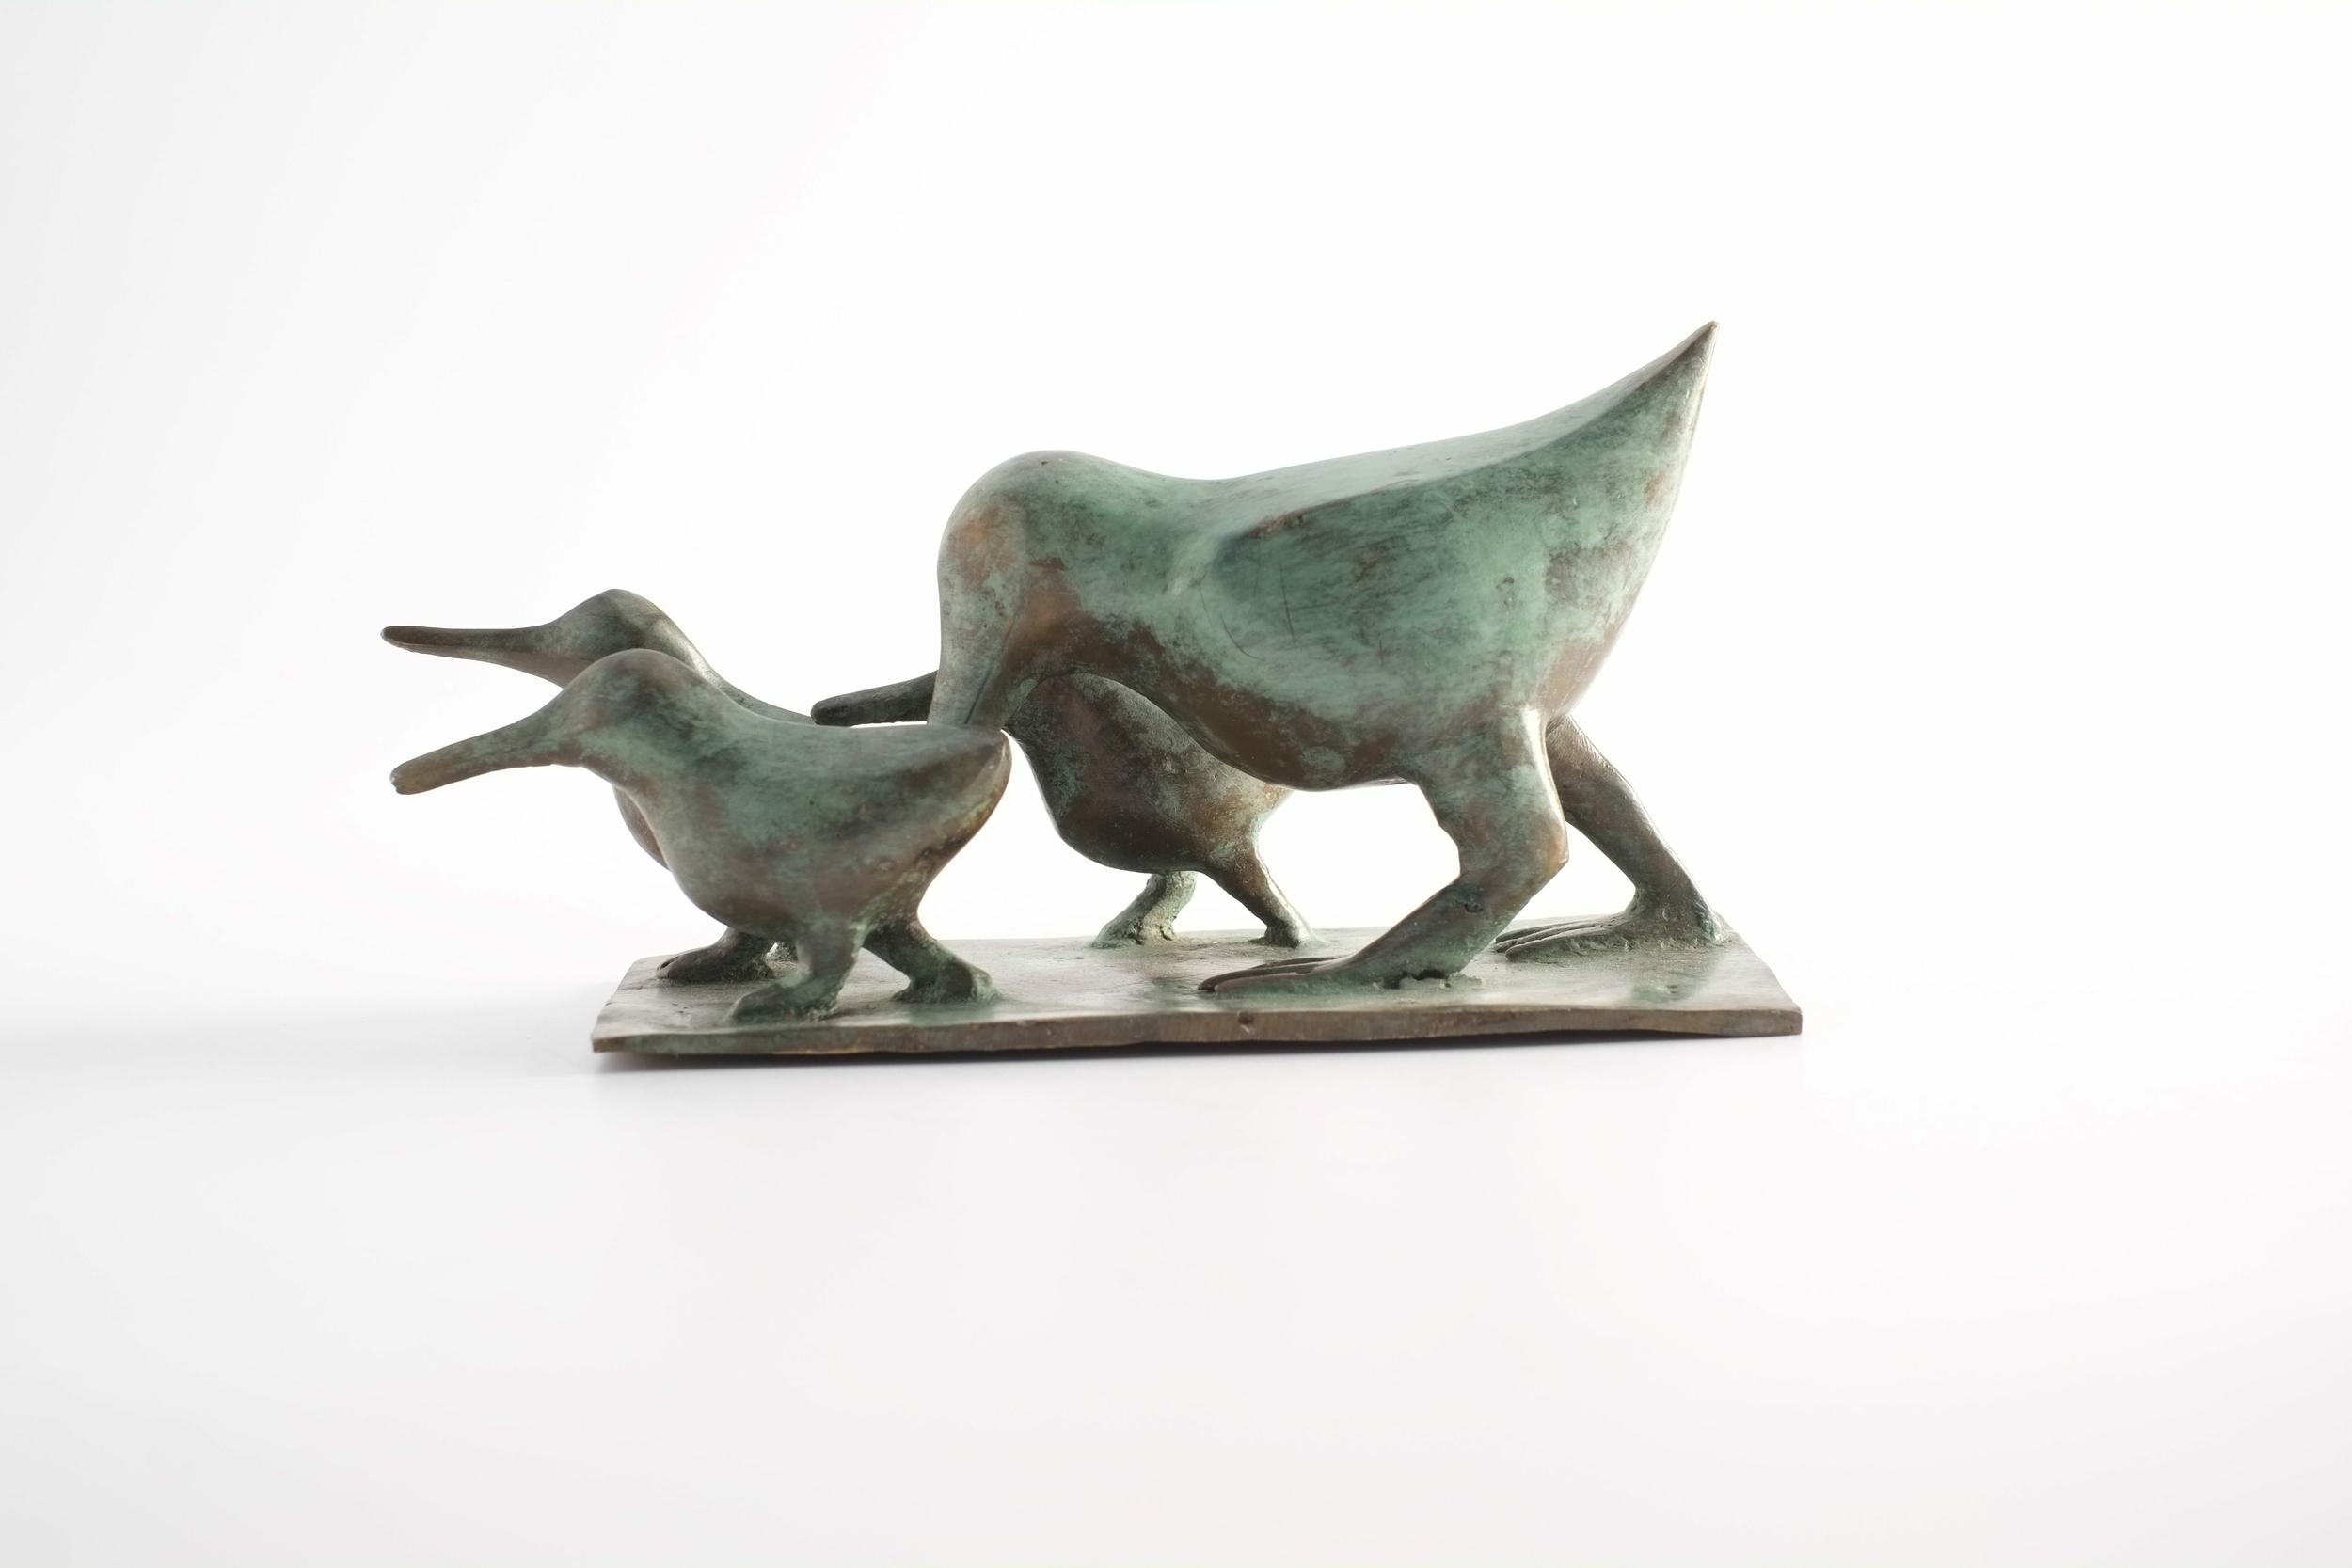 Oiseaux stylisés en bronze du Burkina Faso